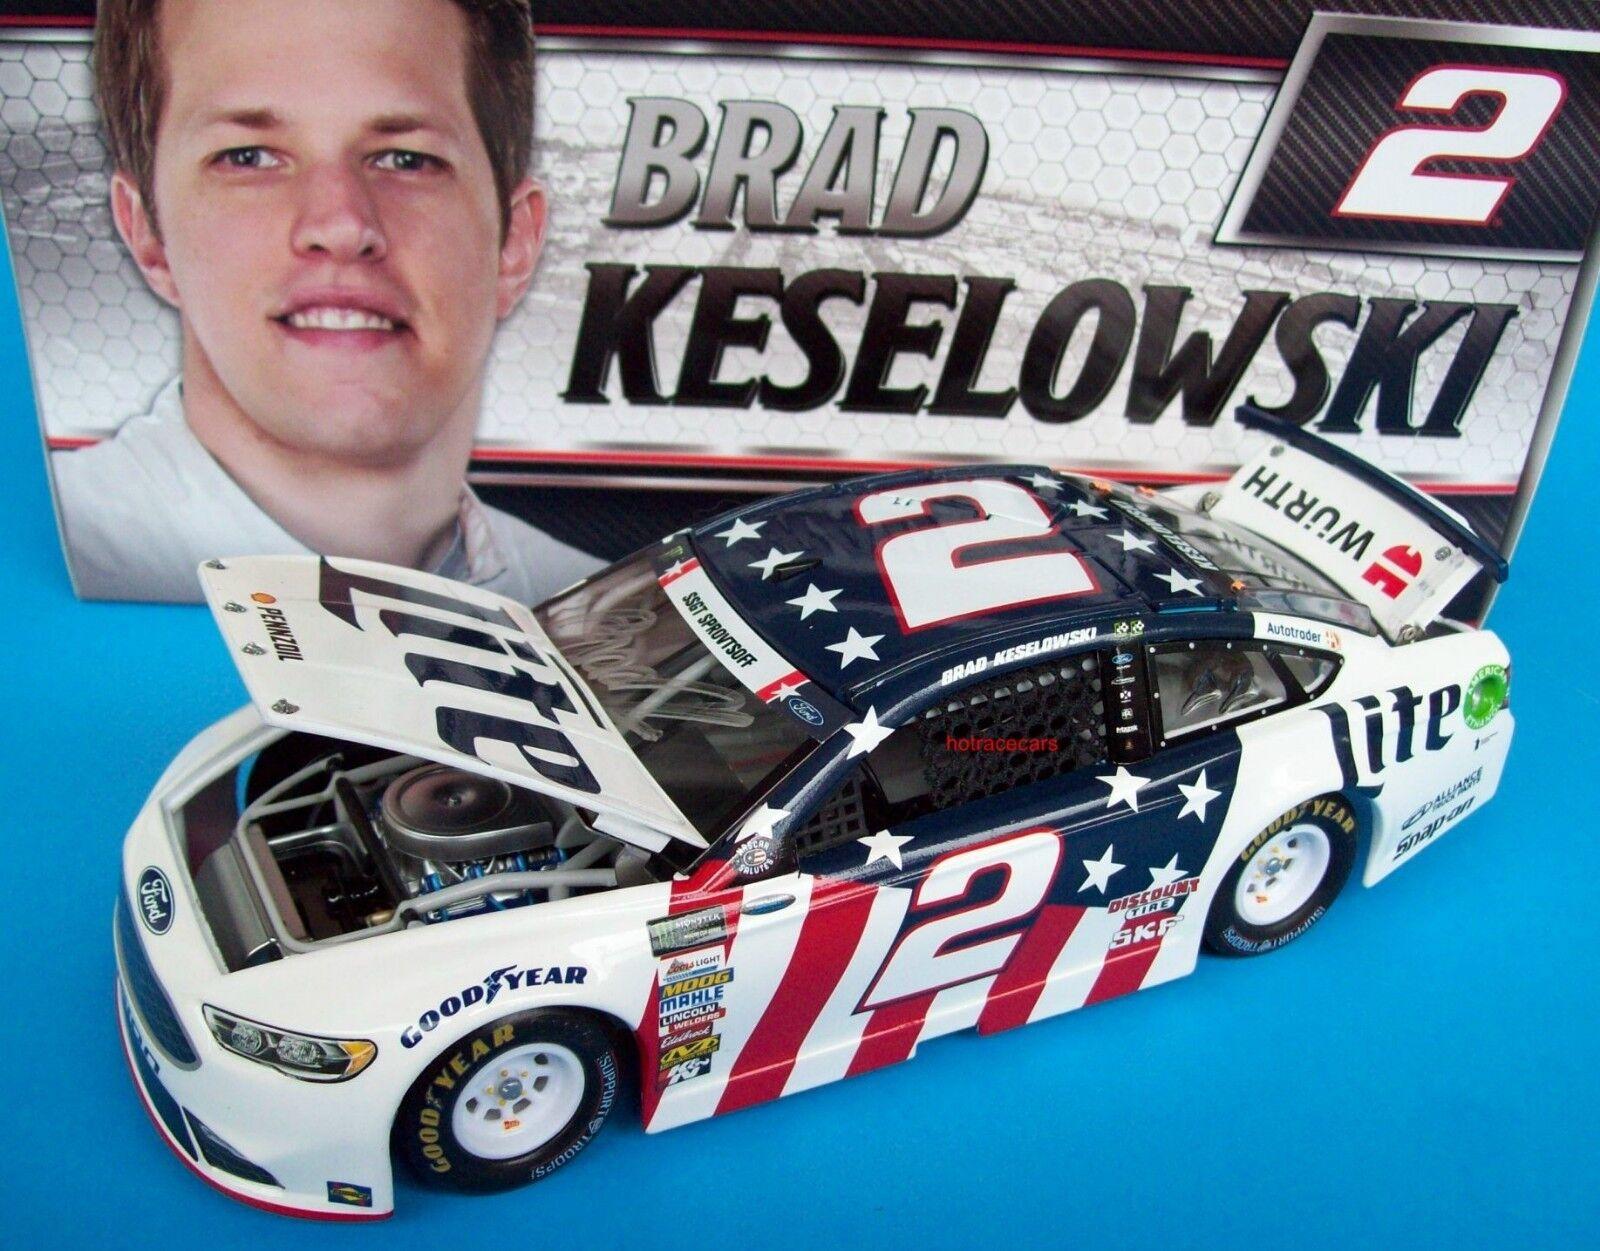 2017 Brad Keselowski Miller Lite Patriótico Ford firmado autógrafo 1 24 Nascar